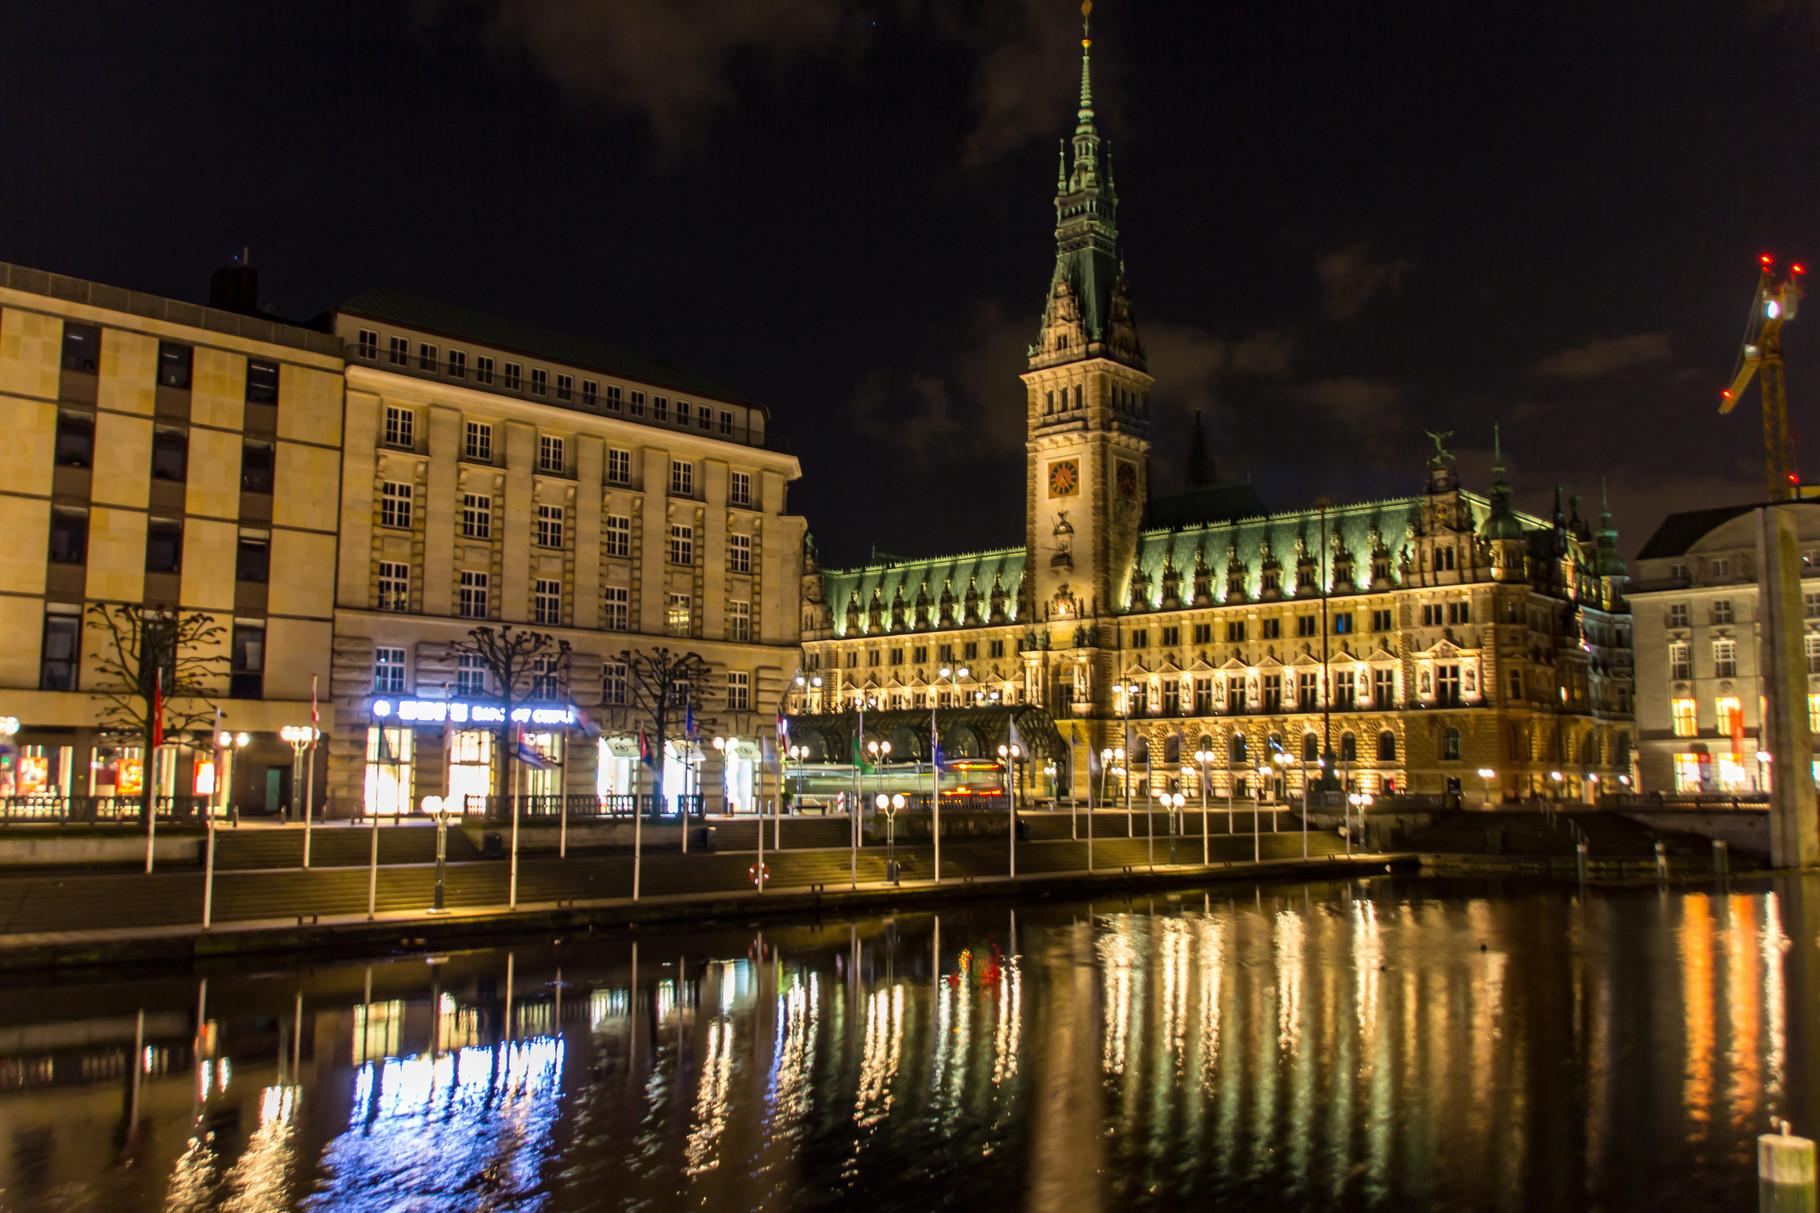 21_Hamburg - Rathaus.